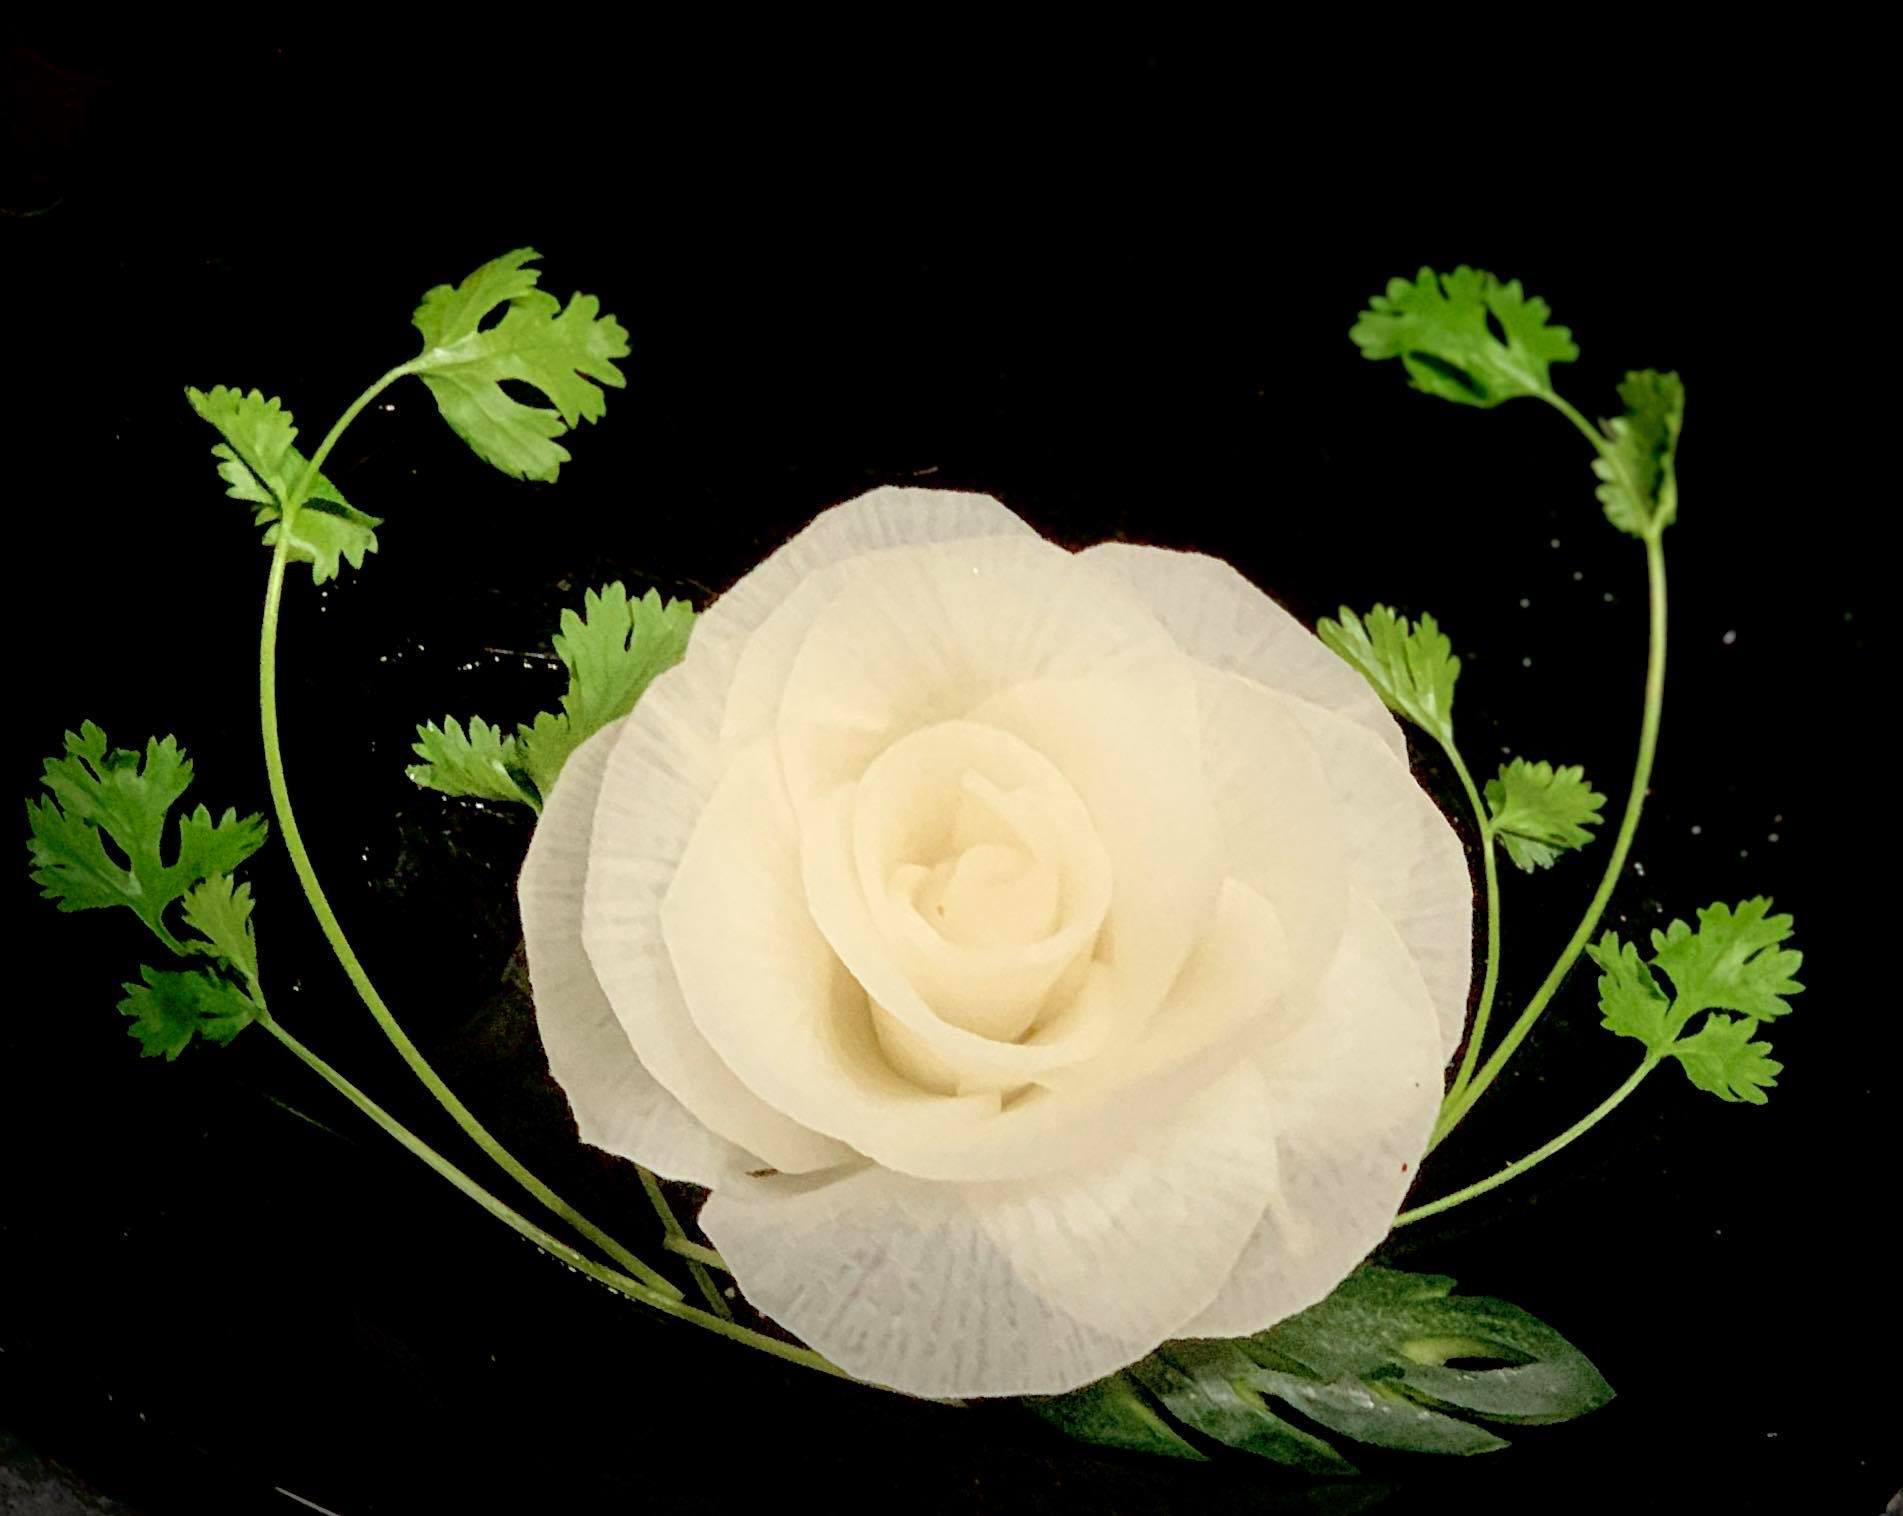 """Cách tạo hình hoa hồng với cánh mong manh siêu đẹp """"bất bại"""" - Ảnh 7."""